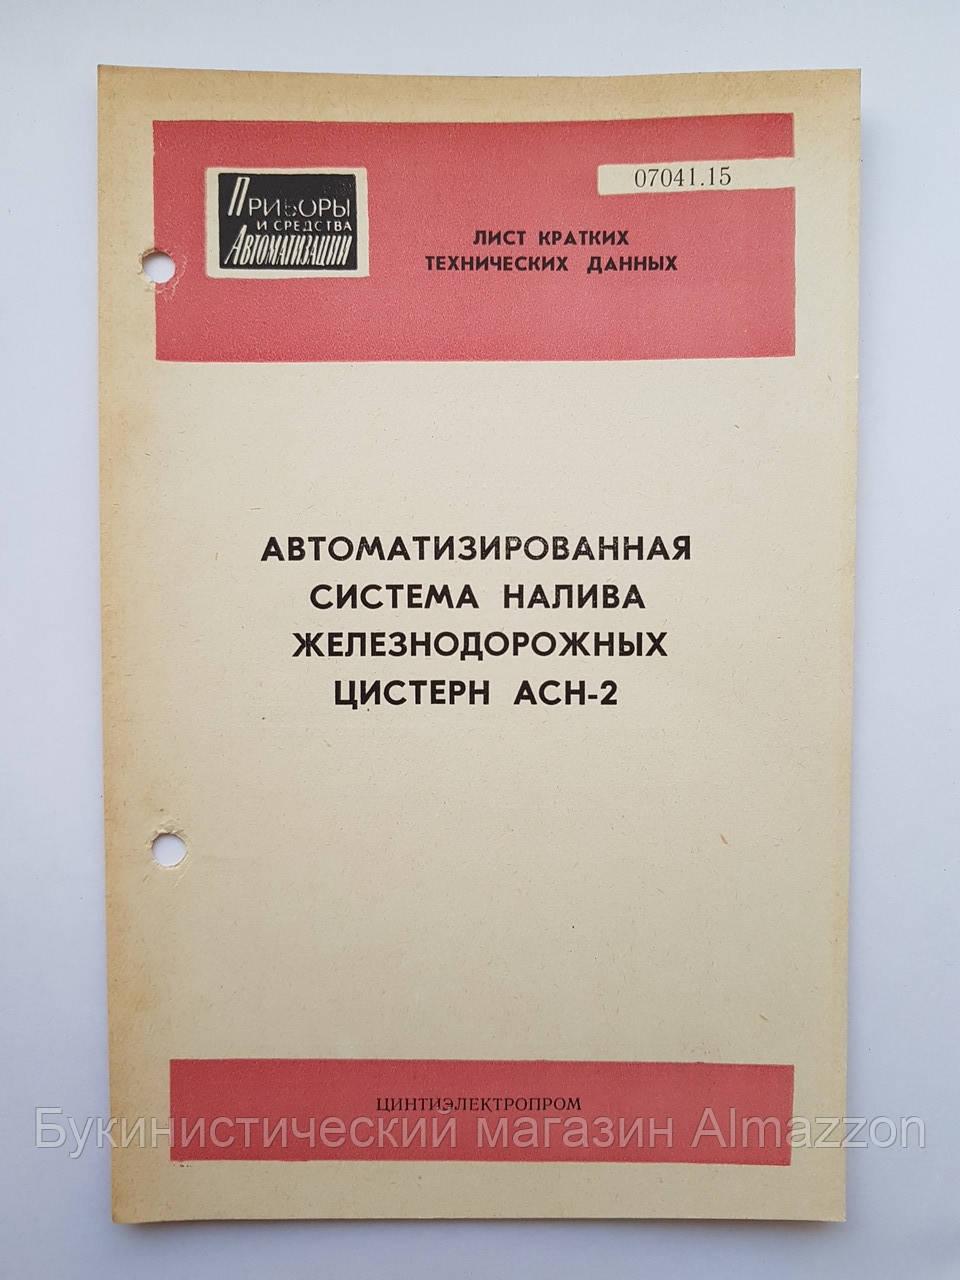 """Лист кратких технических данных """"Автоматизированная система налива железнодорожных цистерн АСН-2  07041.15"""""""